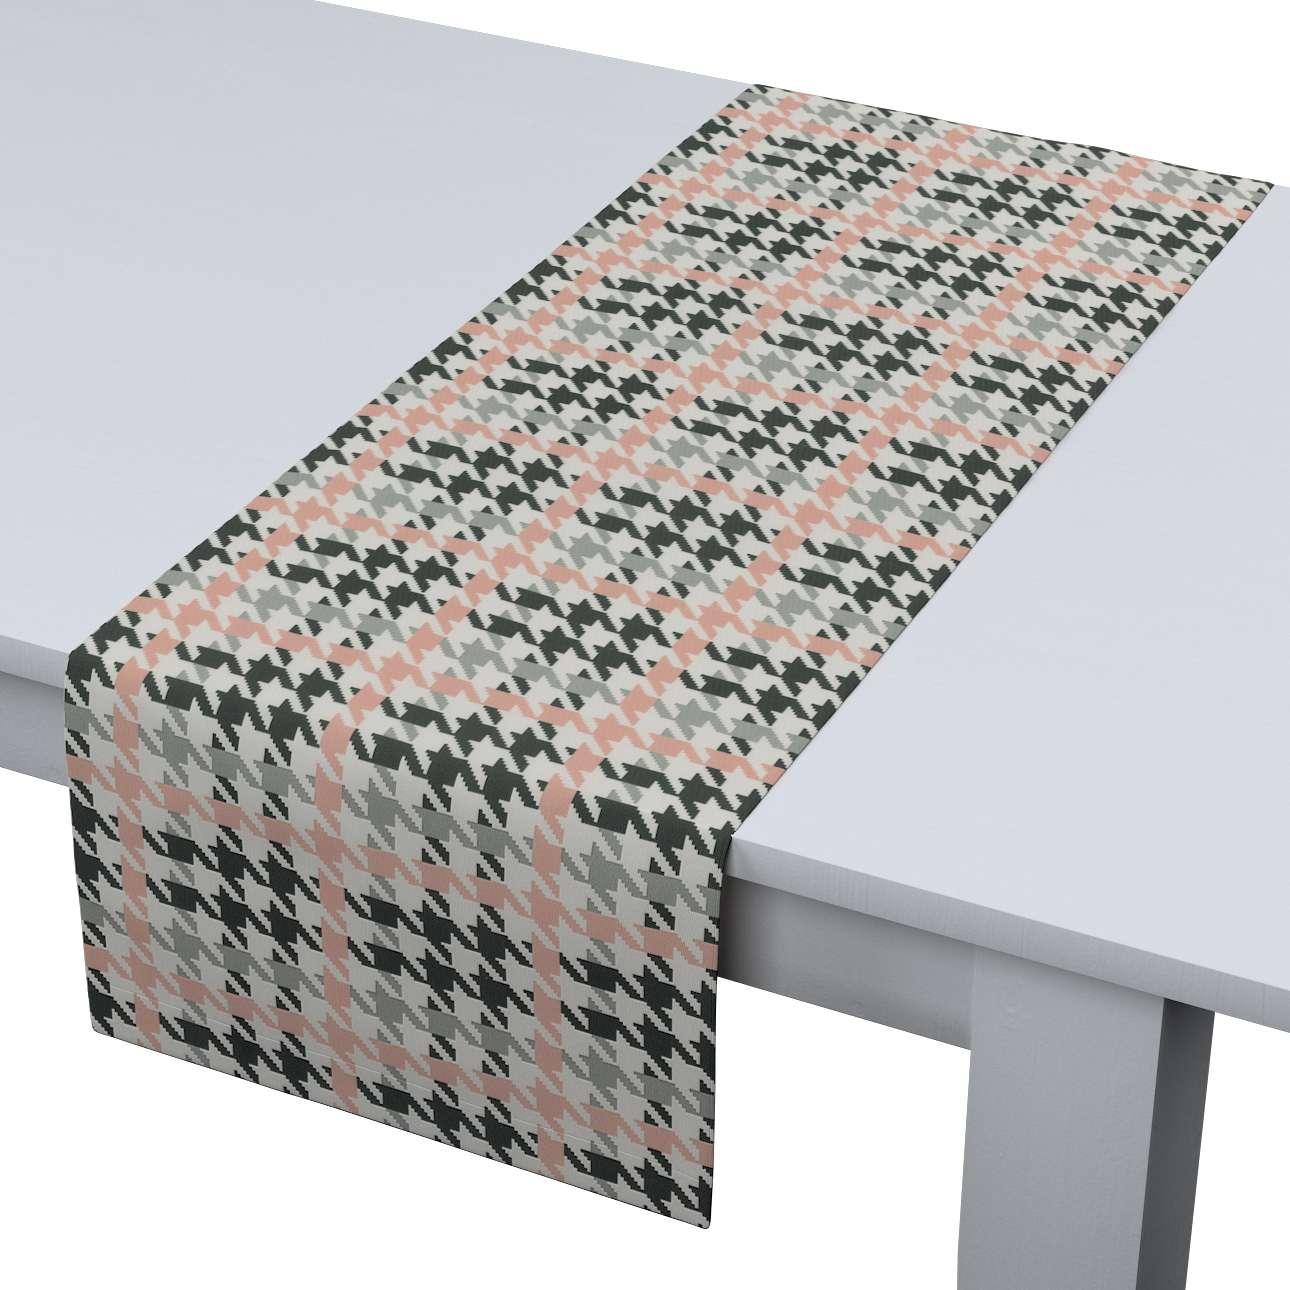 Bieżnik prostokątny 40x130 cm w kolekcji Brooklyn, tkanina: 137-75